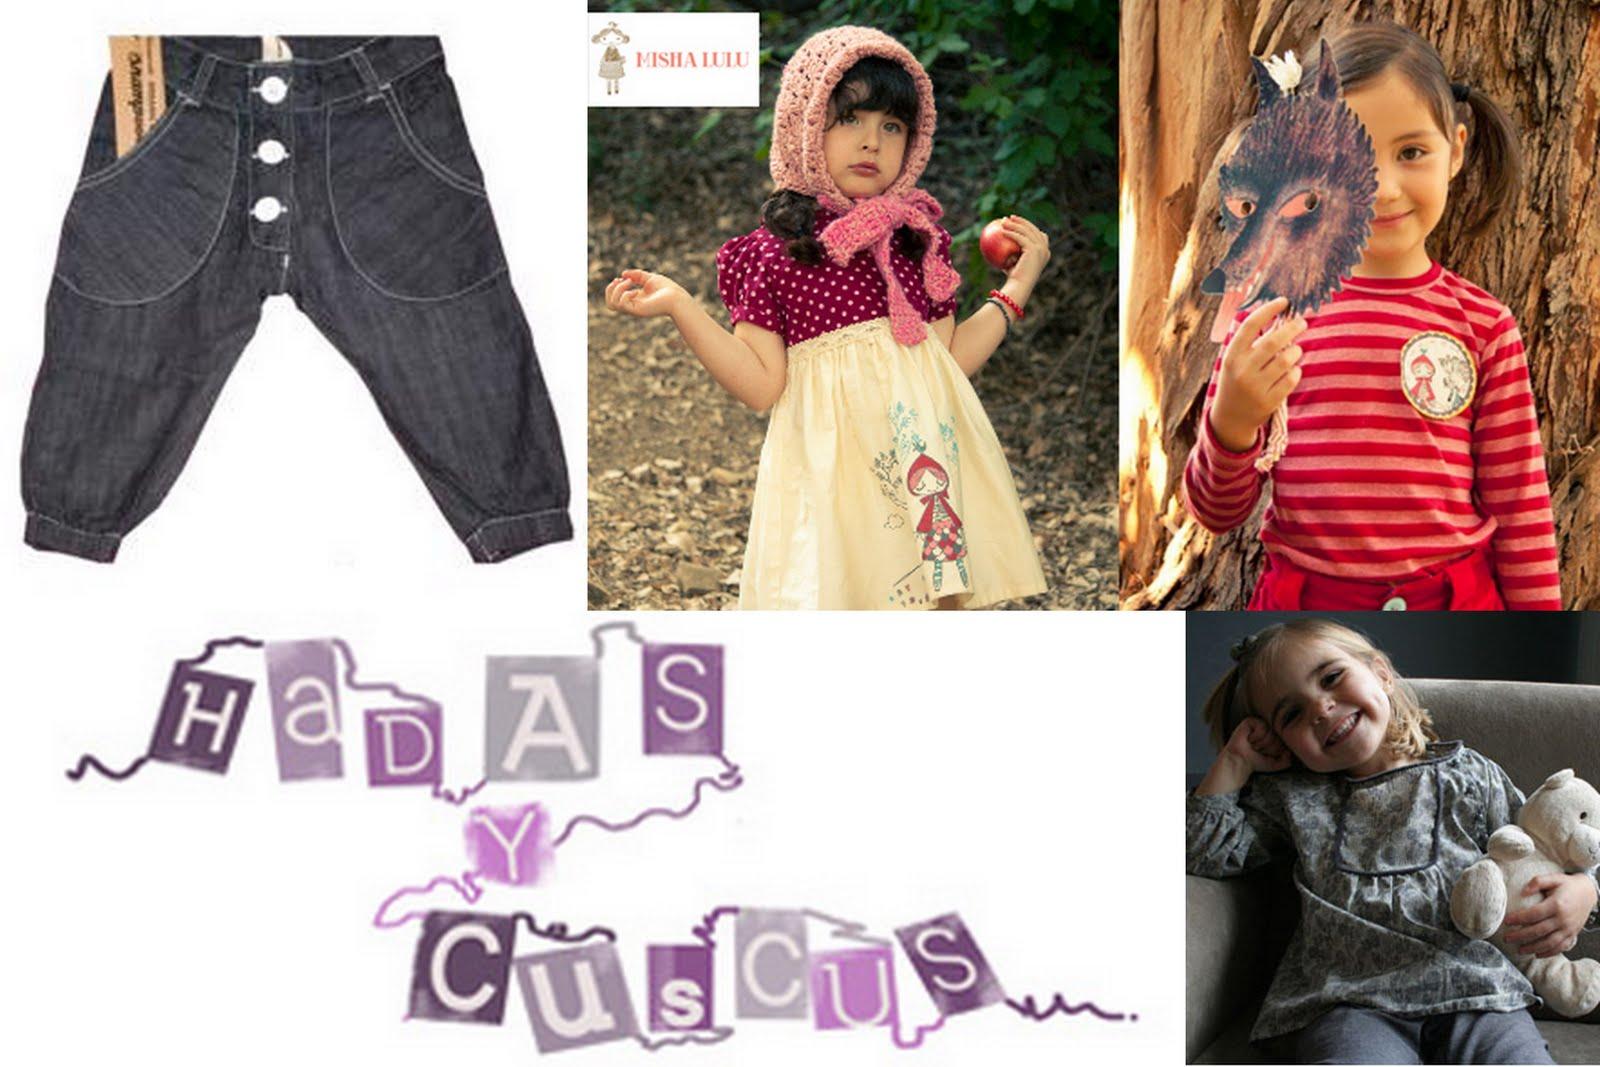 Hadas y cuscus ni os a la moda sonambulistas - Hadas y cuscus ...